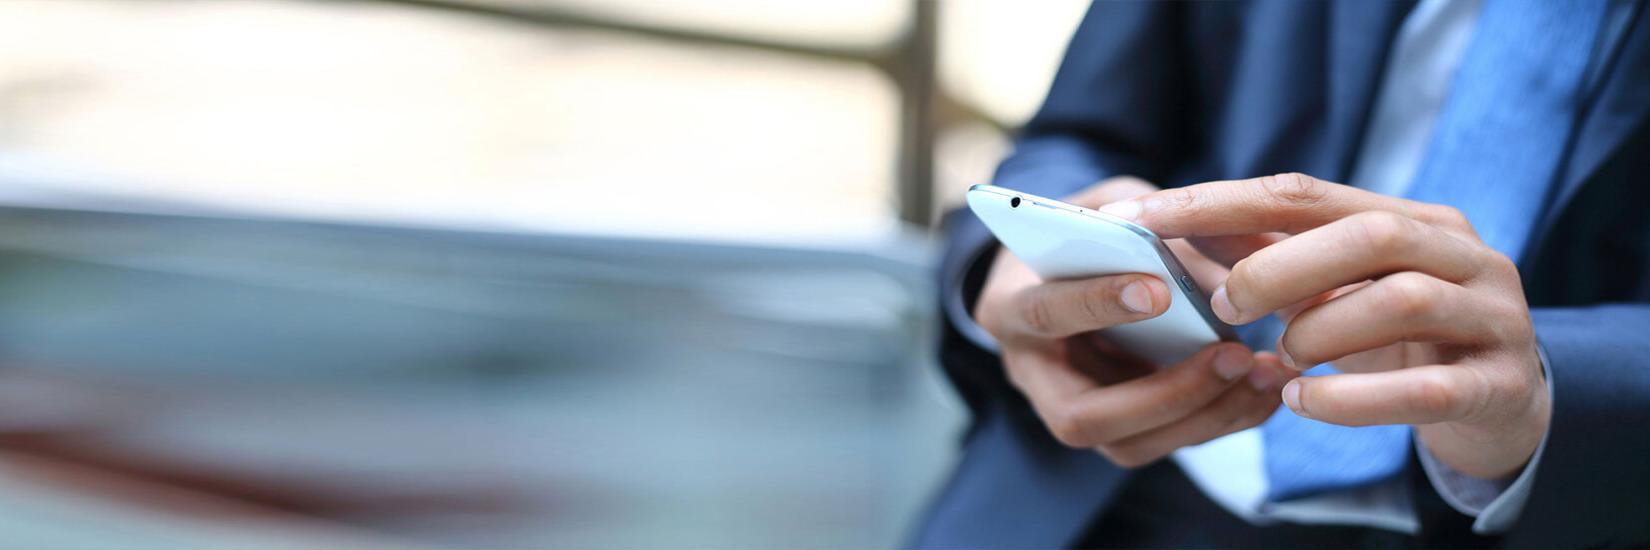 Contacto. Taxi en Cádiz teléfono 956 21 21 21